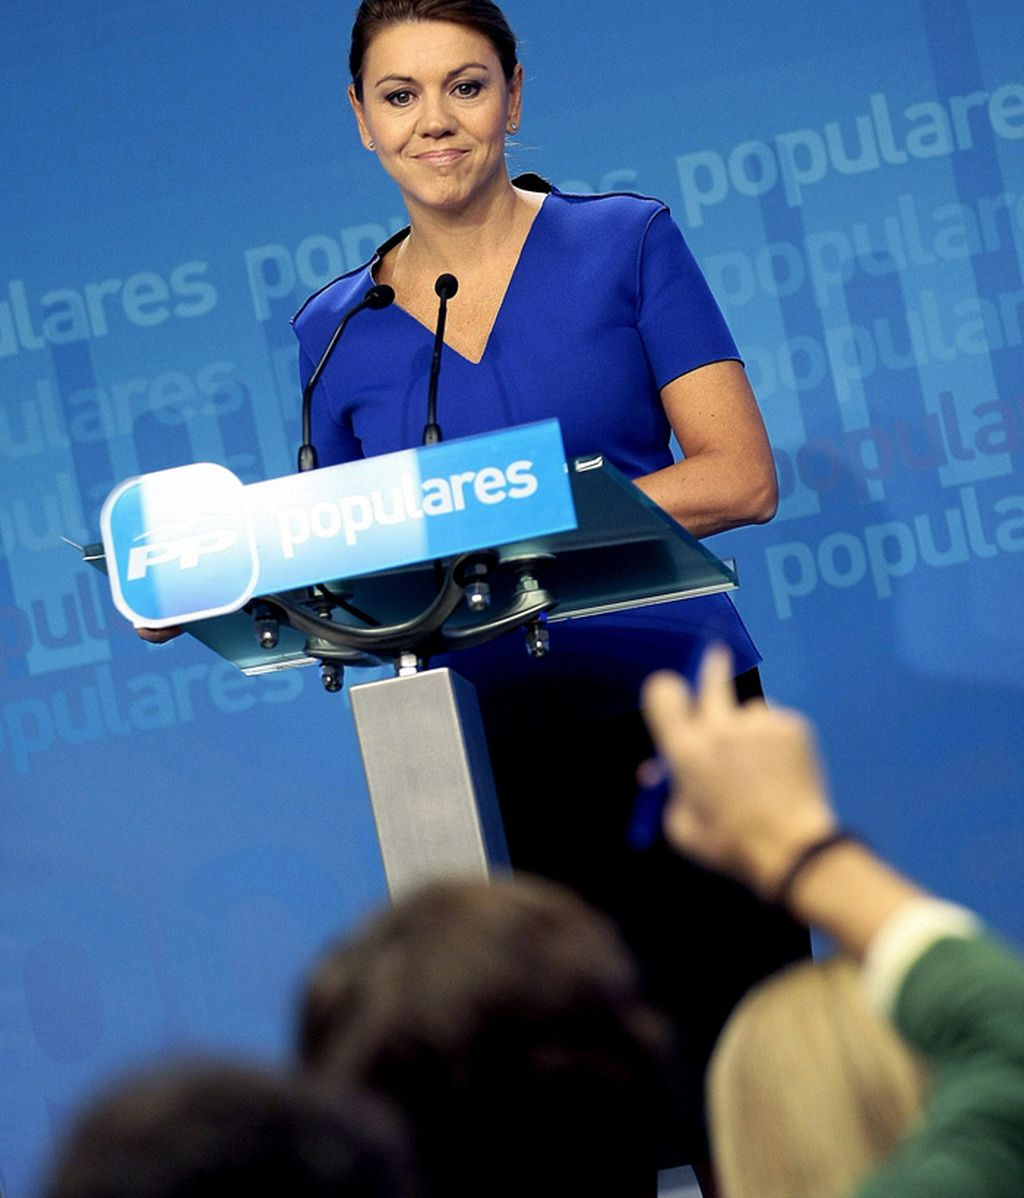 La secretaria general del partido, María Dolores Cospedal, durante la rueda de prensa que ha ofrecido en la sede madrileña